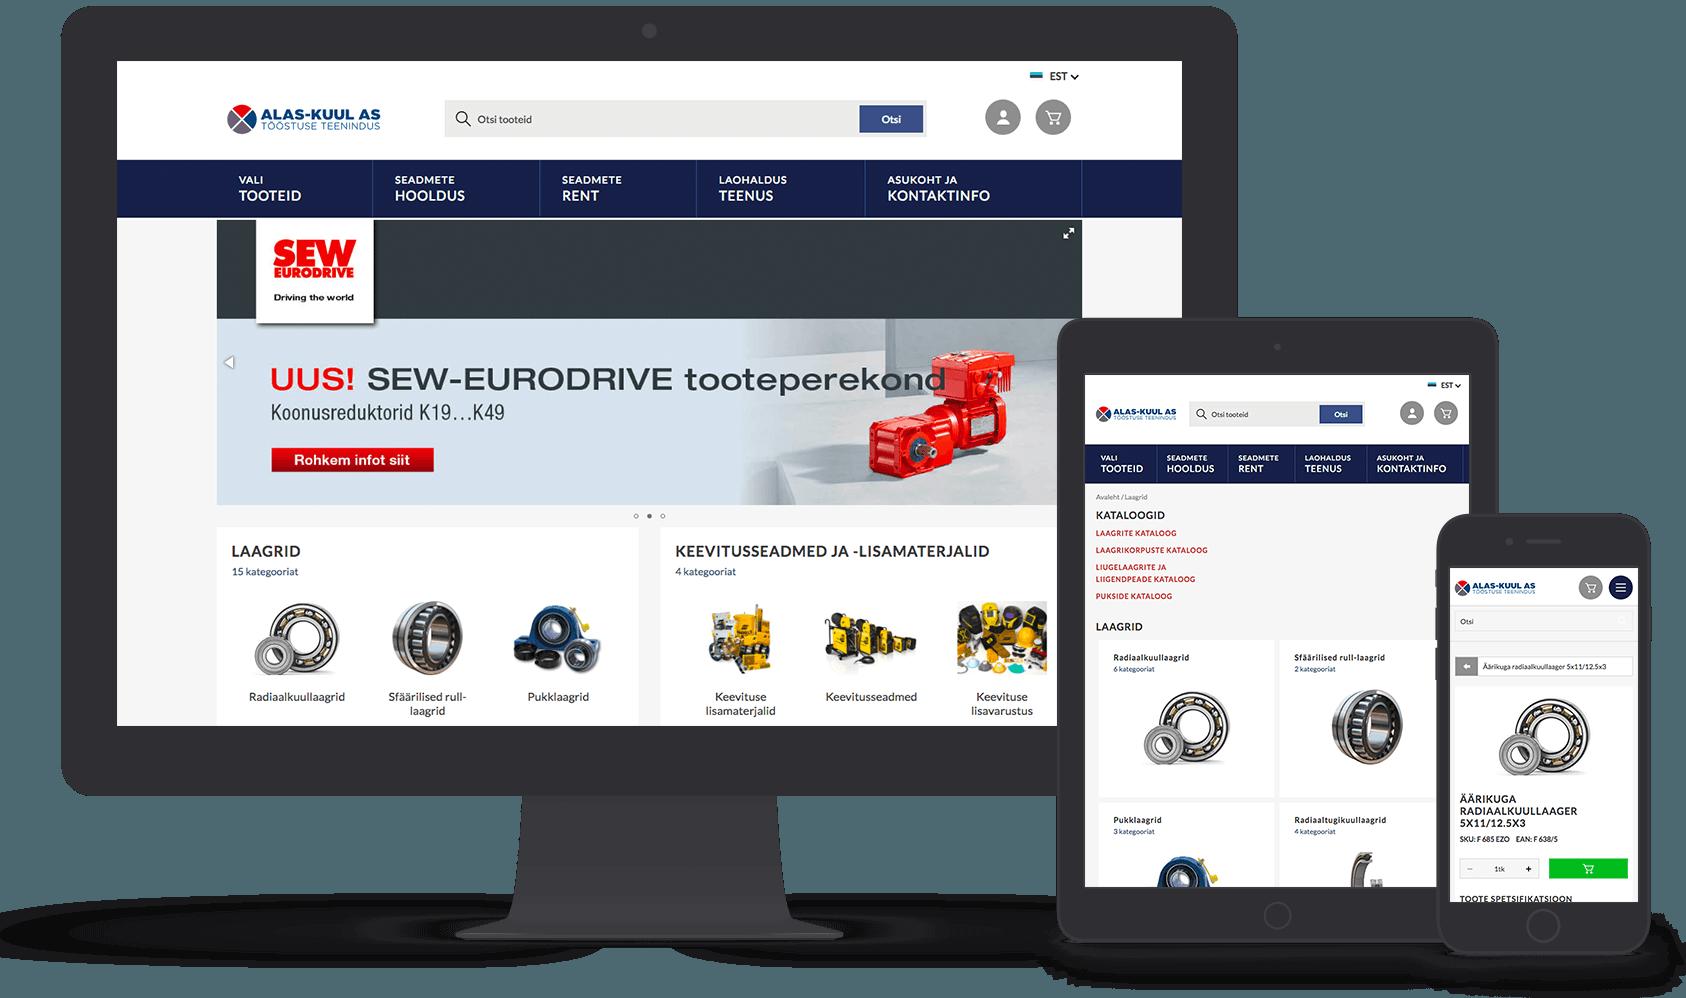 Alas-kuul eCommerce site